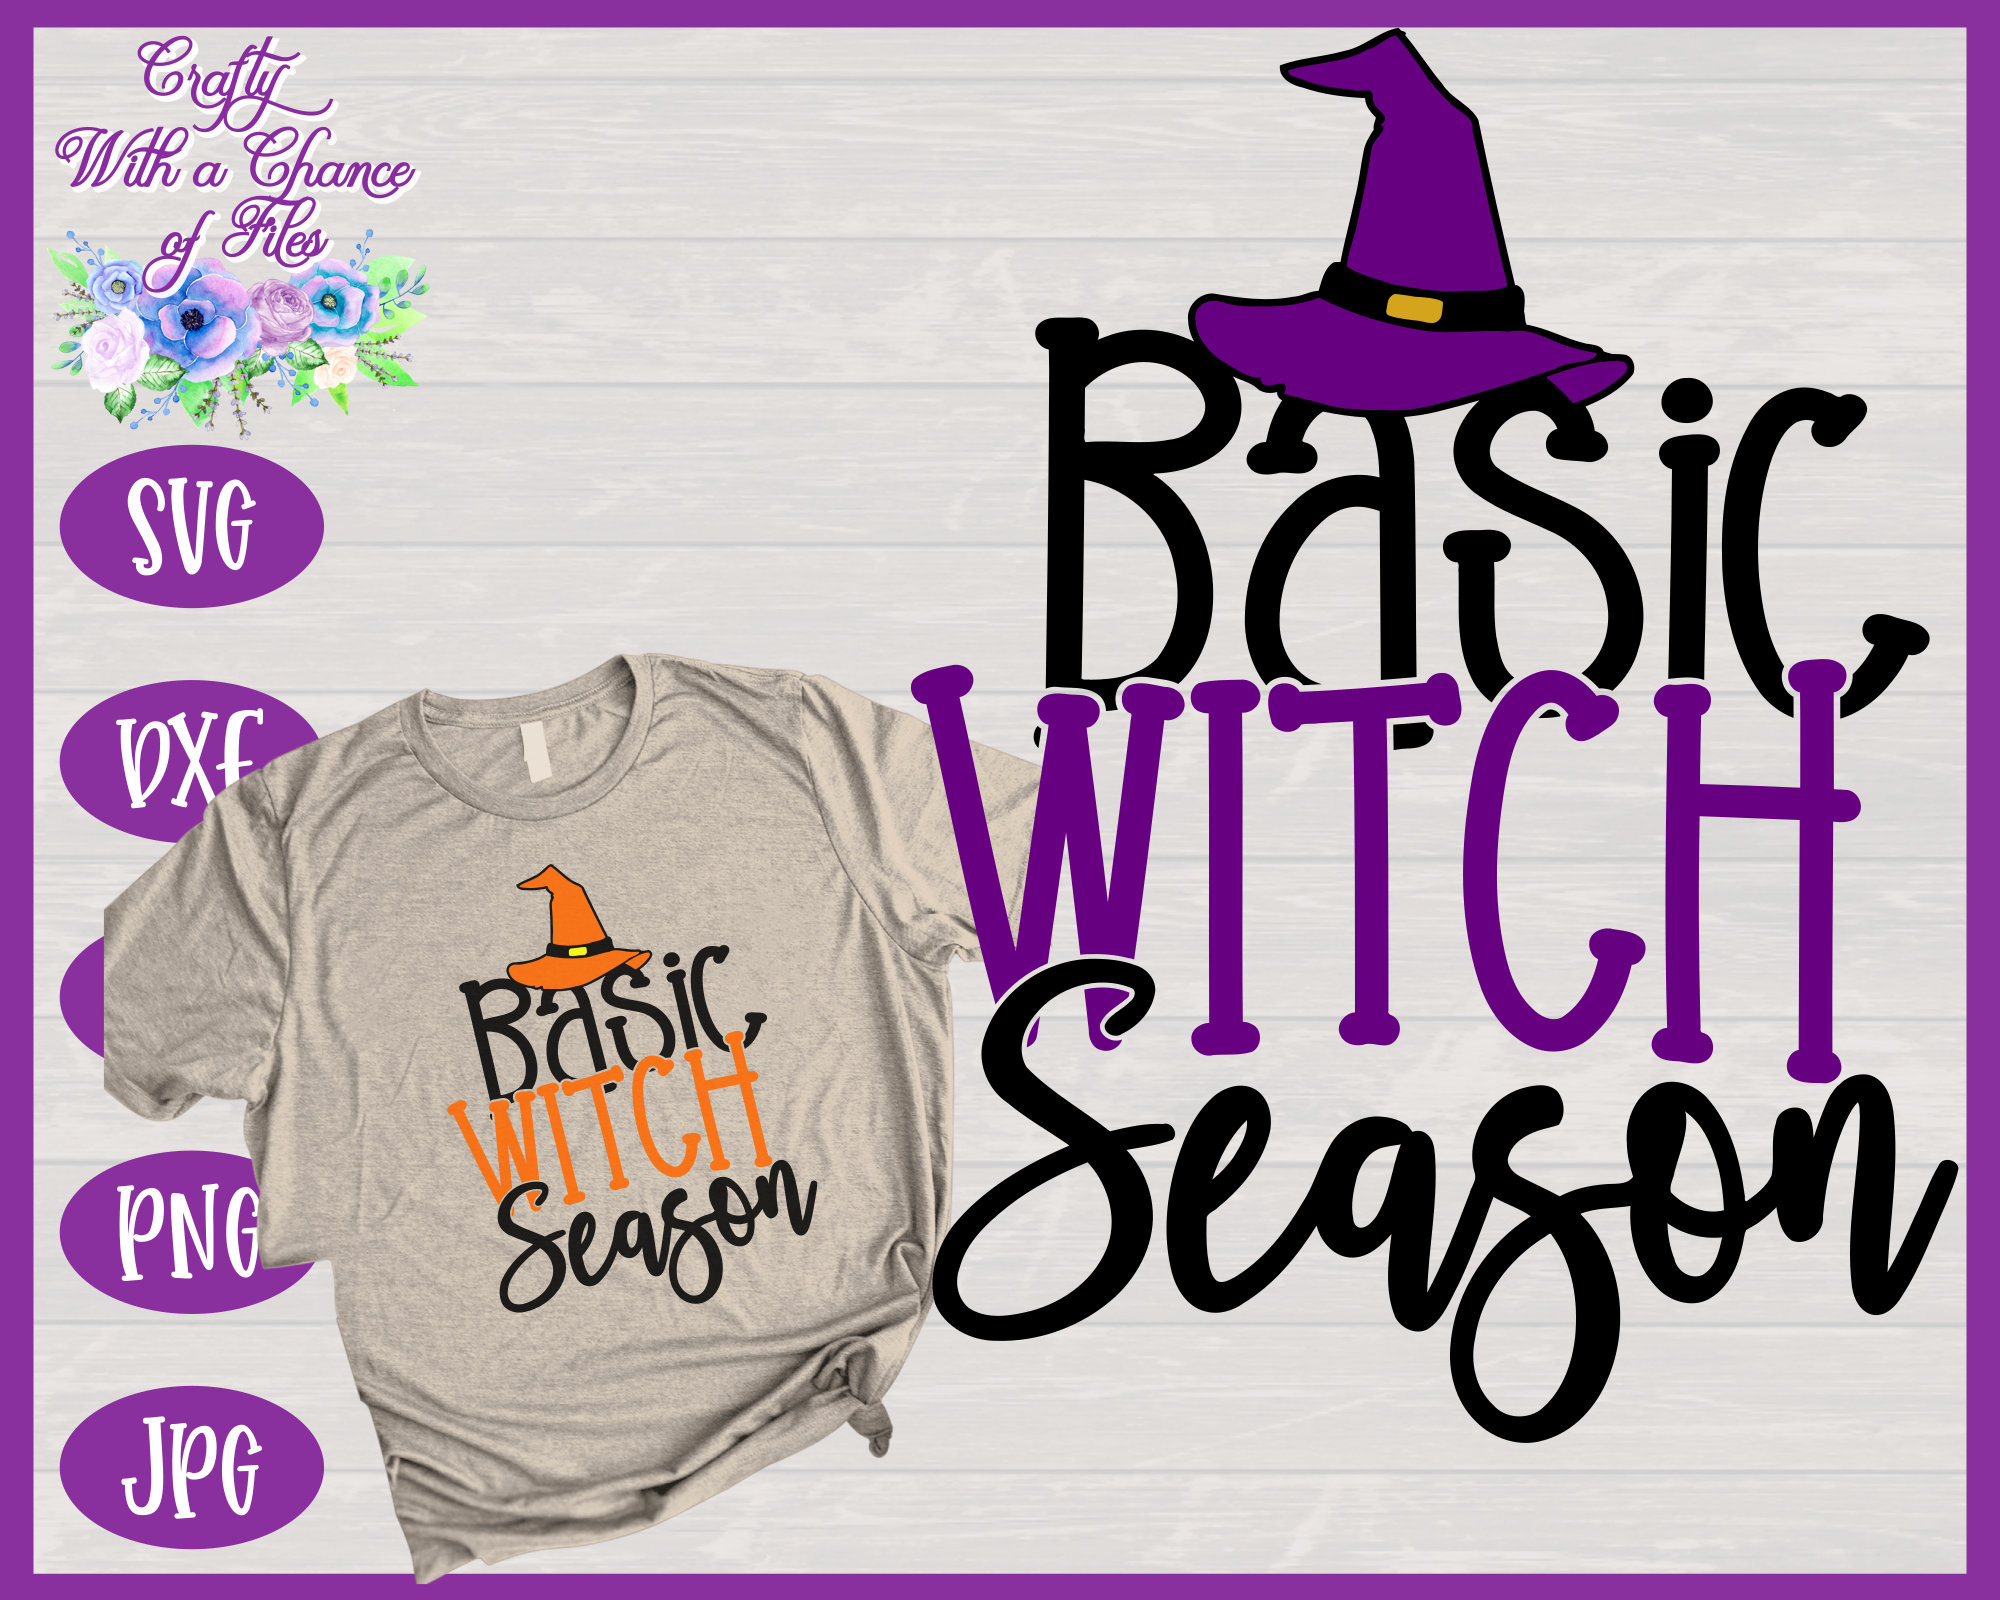 Halloween Svg; Halloween Queen; Cute Halloween Shirt; Queen Svg; Witches Hat; Halloween Witch; Witch Svg; Witches Hat Svg; Cute Witch Hat